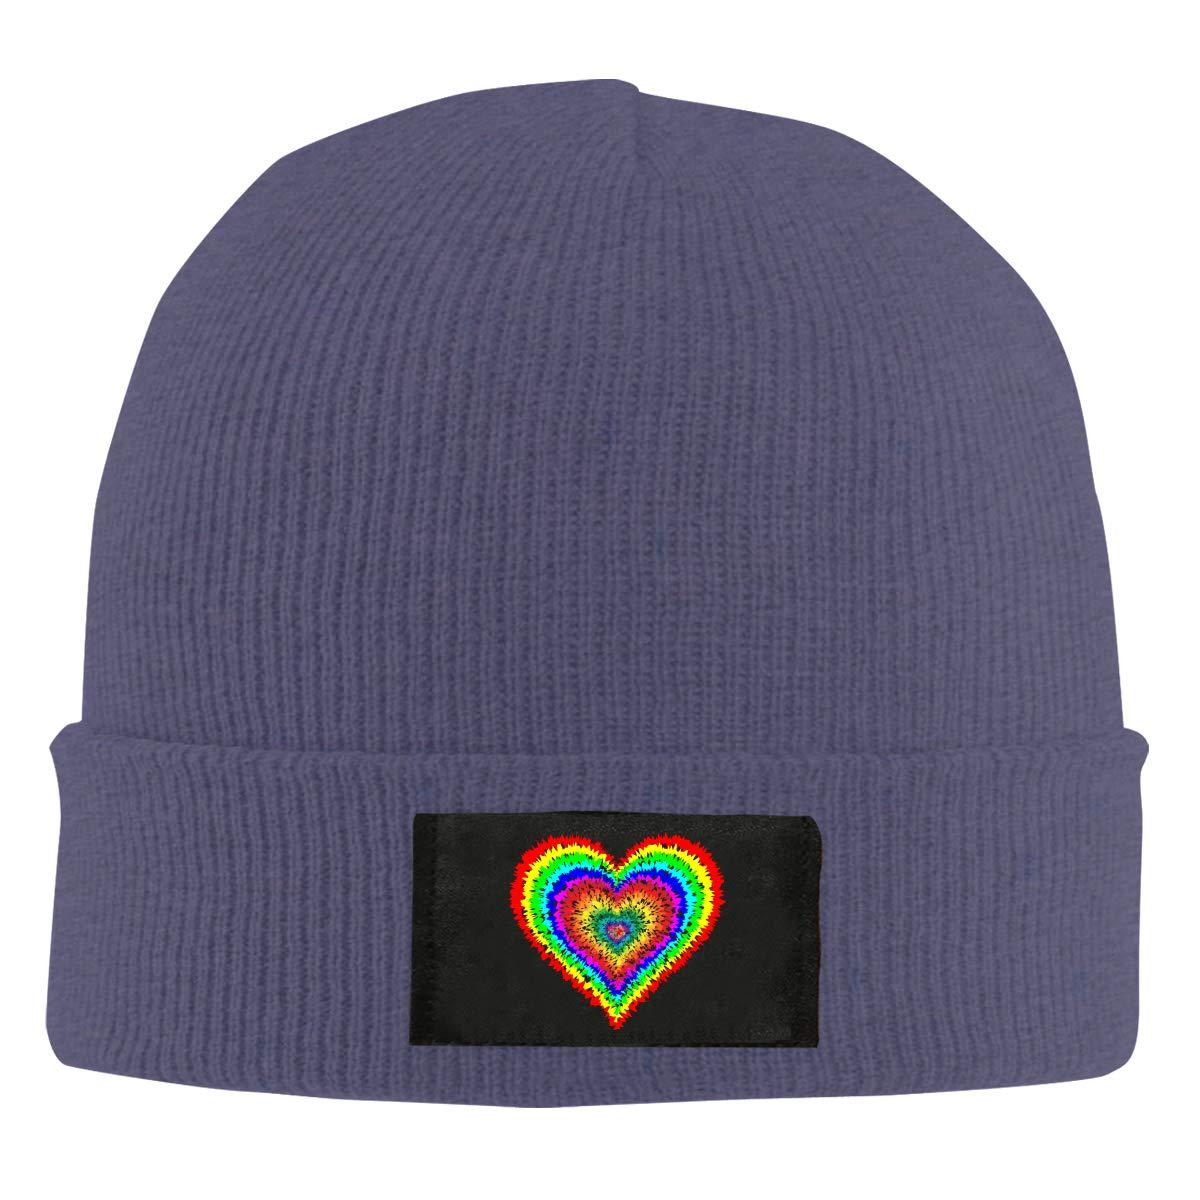 Tye Dye Heart Men /& Womens Knitted Hat Winter Warm Skull Cap